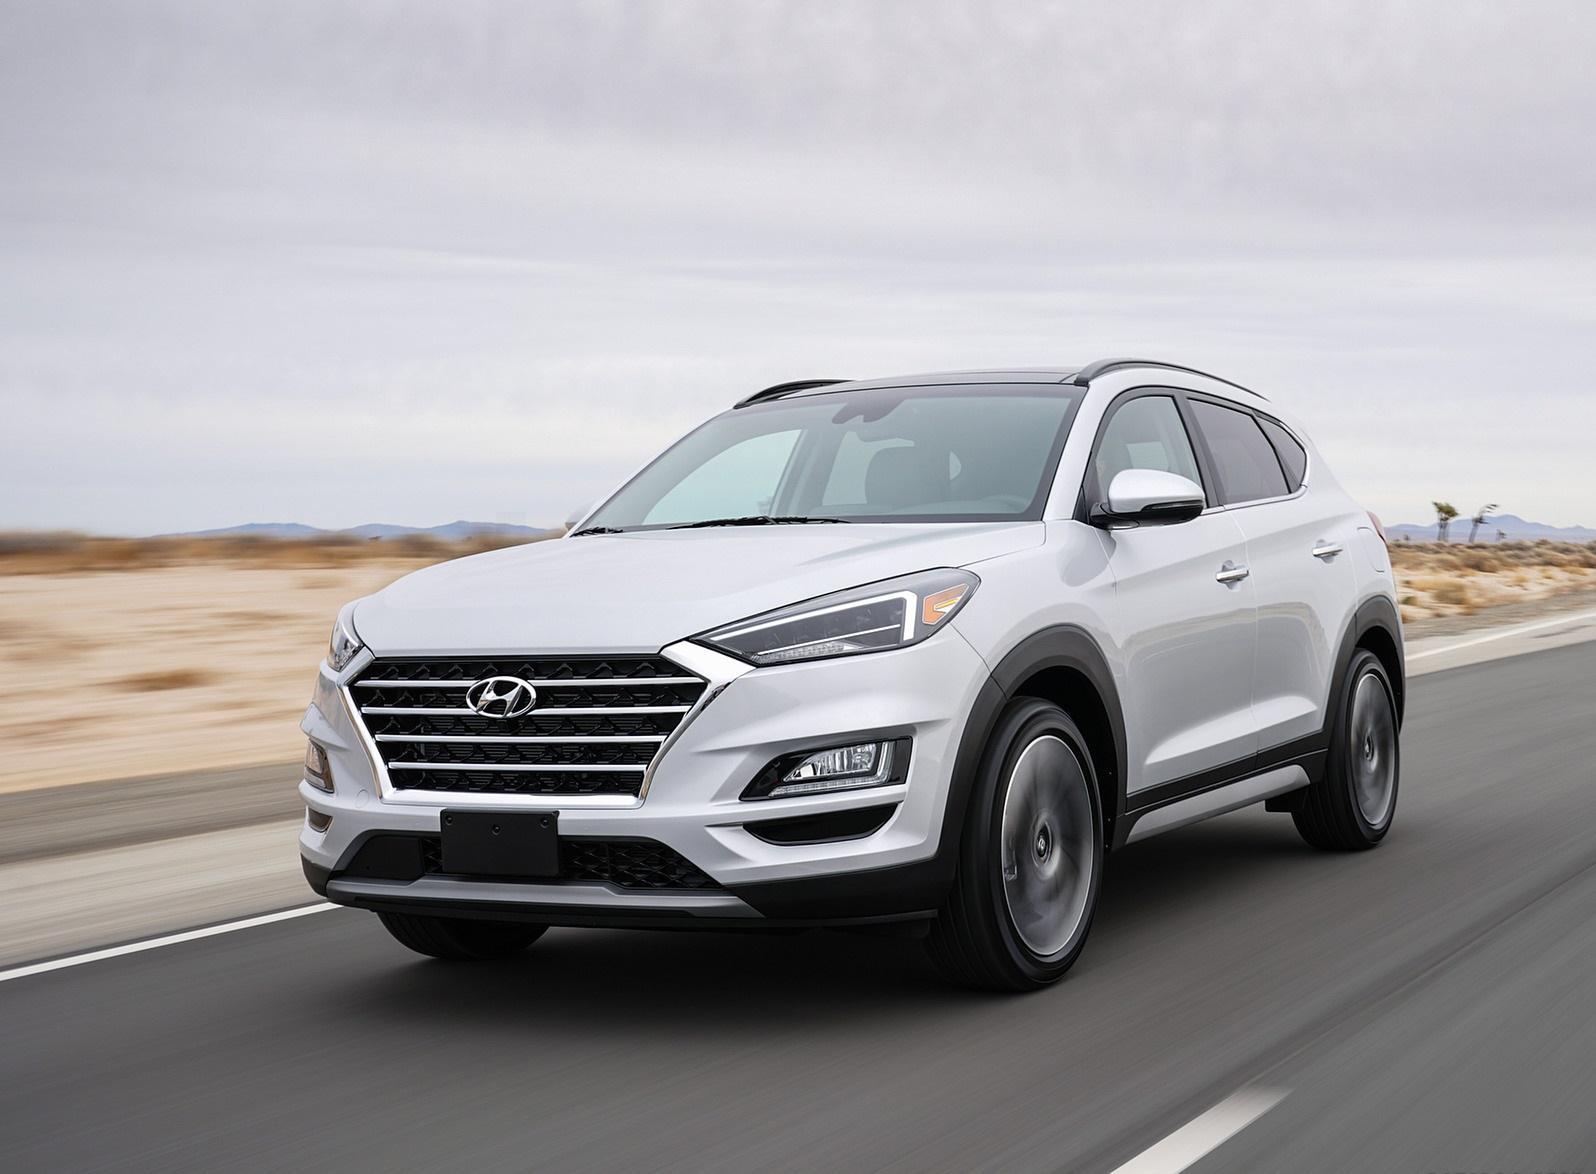 Hyundai Elantra 2019 và Hyundai Tucson 2019 chính thức mở bán ở đại lý vào cuối tháng 5/2019